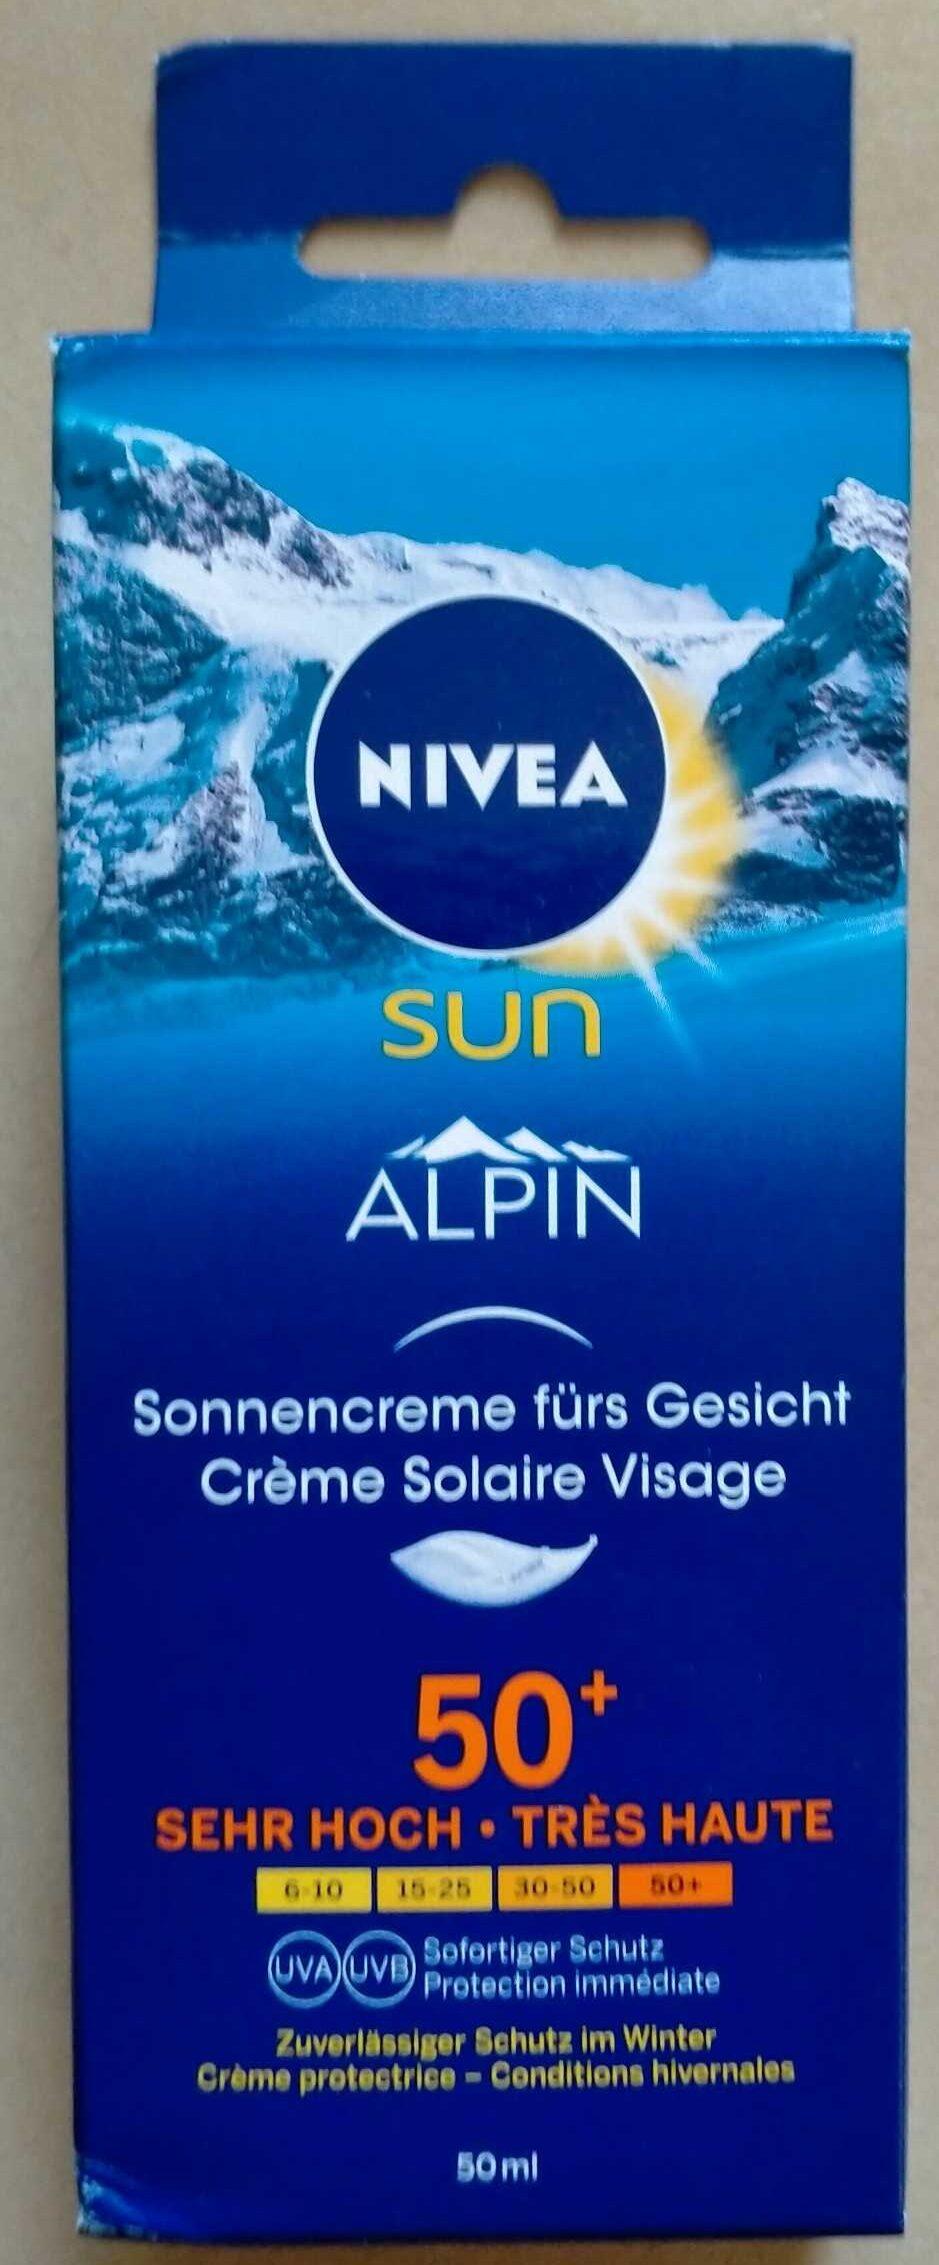 crème solaire visage nivea - Product - fr